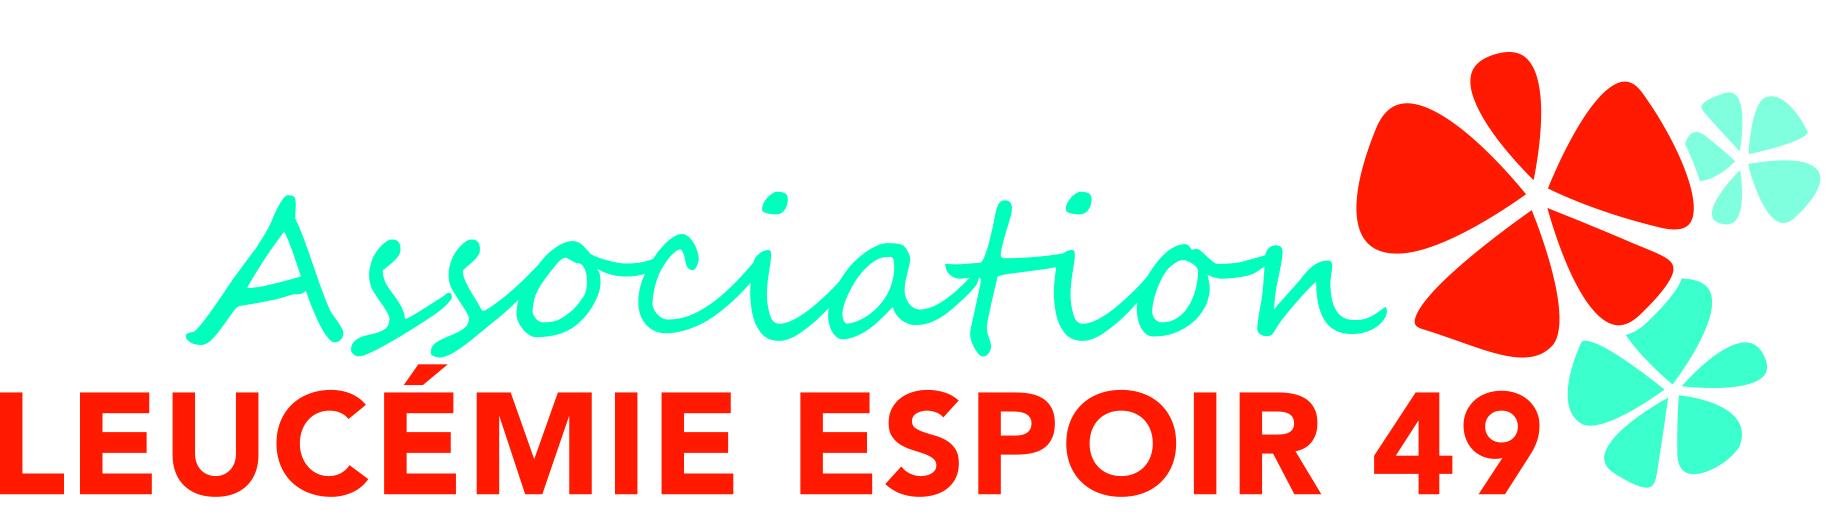 Logo Leucémie espoir 49